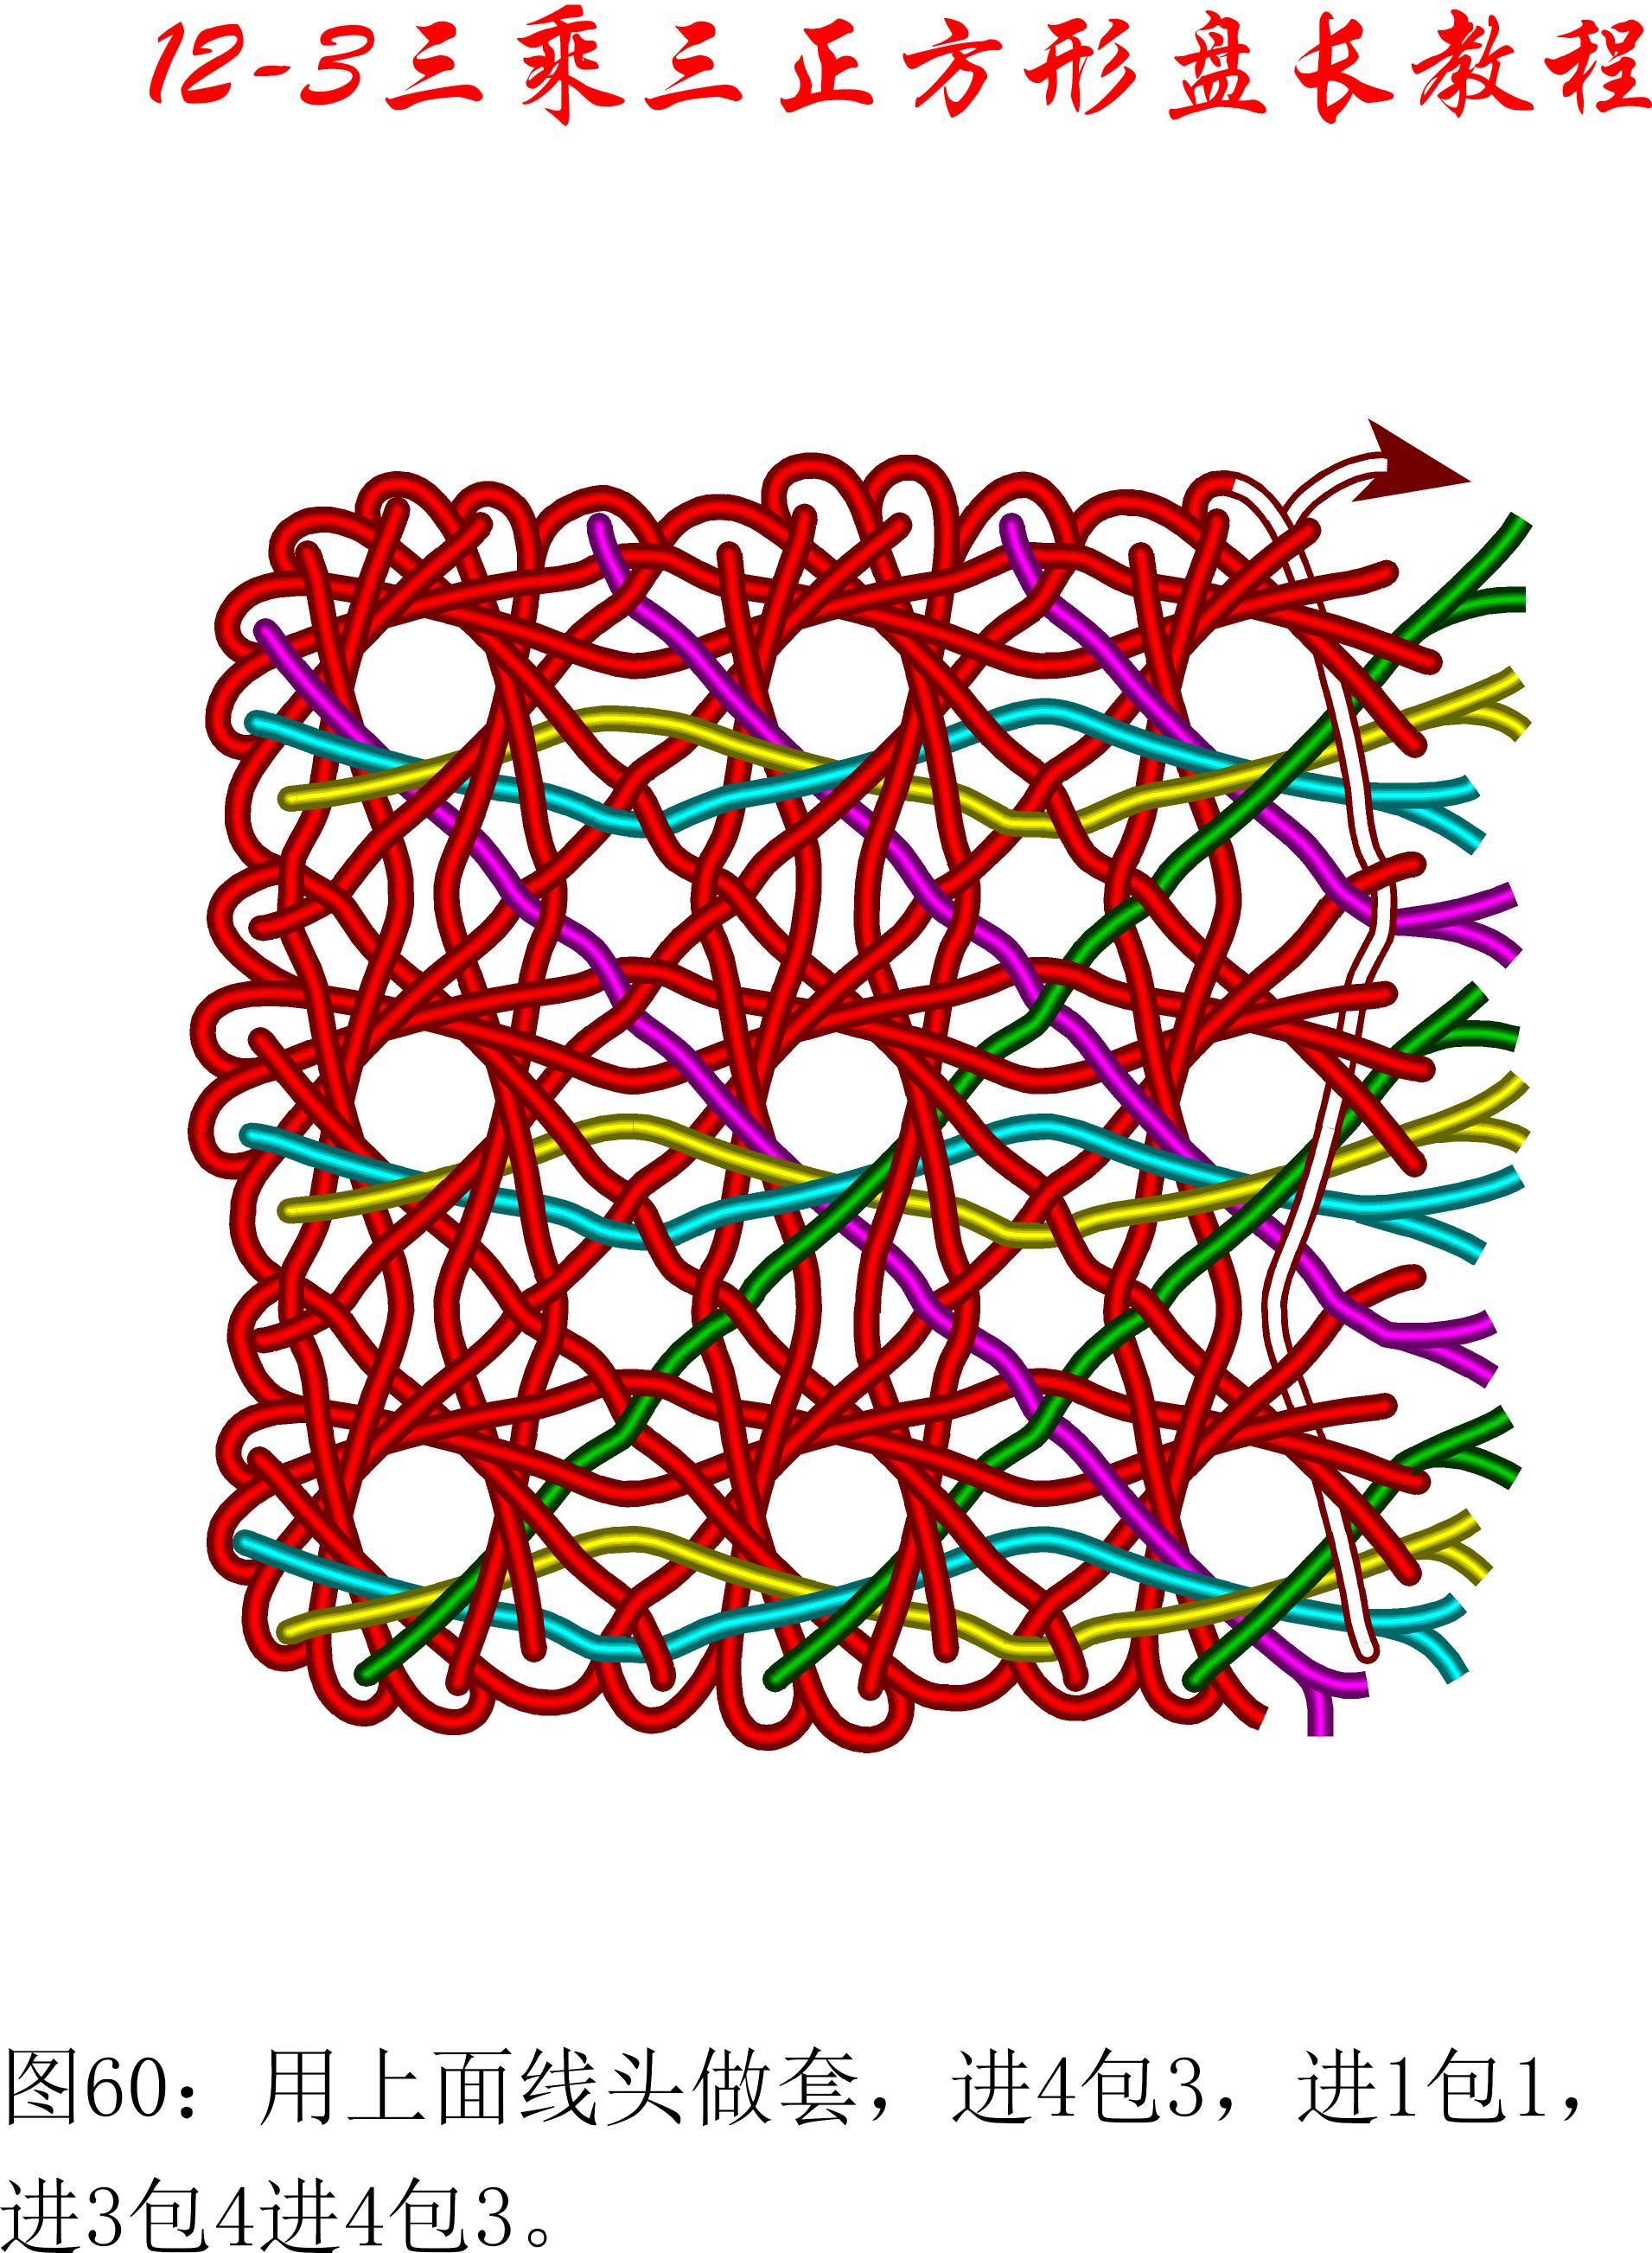 中国结论坛 12-3盘长平行扩展方法---3乘3方形盘长 方形,方形脸怎么办 丑丑徒手编结 093121n592zv41tom0kcwr